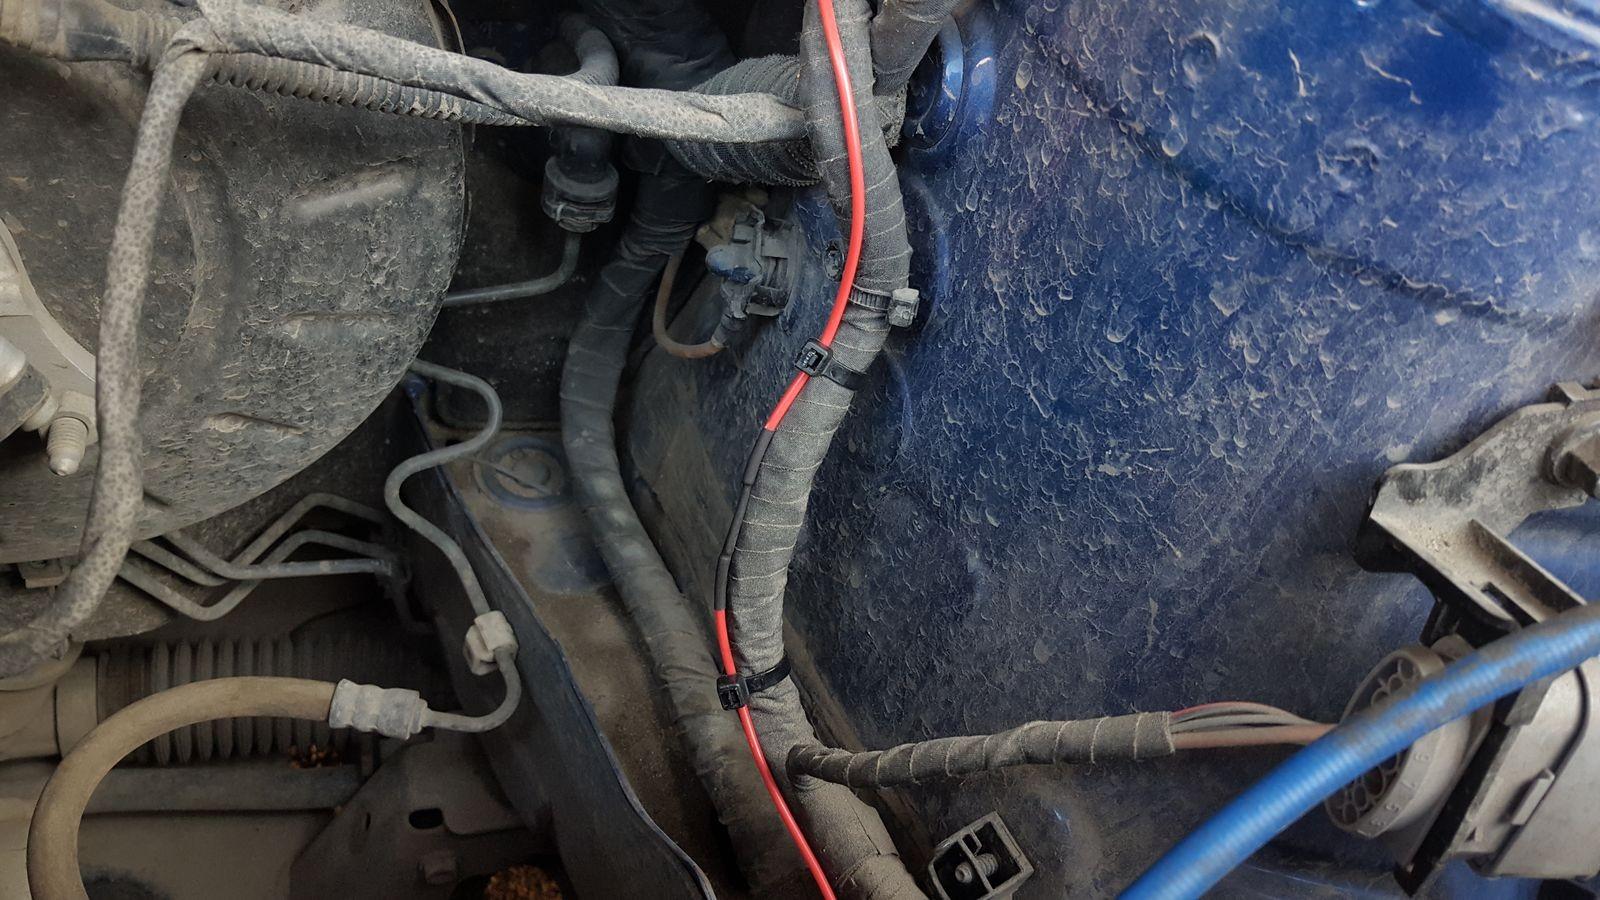 Проводку в автомобиле паять нельзя. Или всё-таки можно?